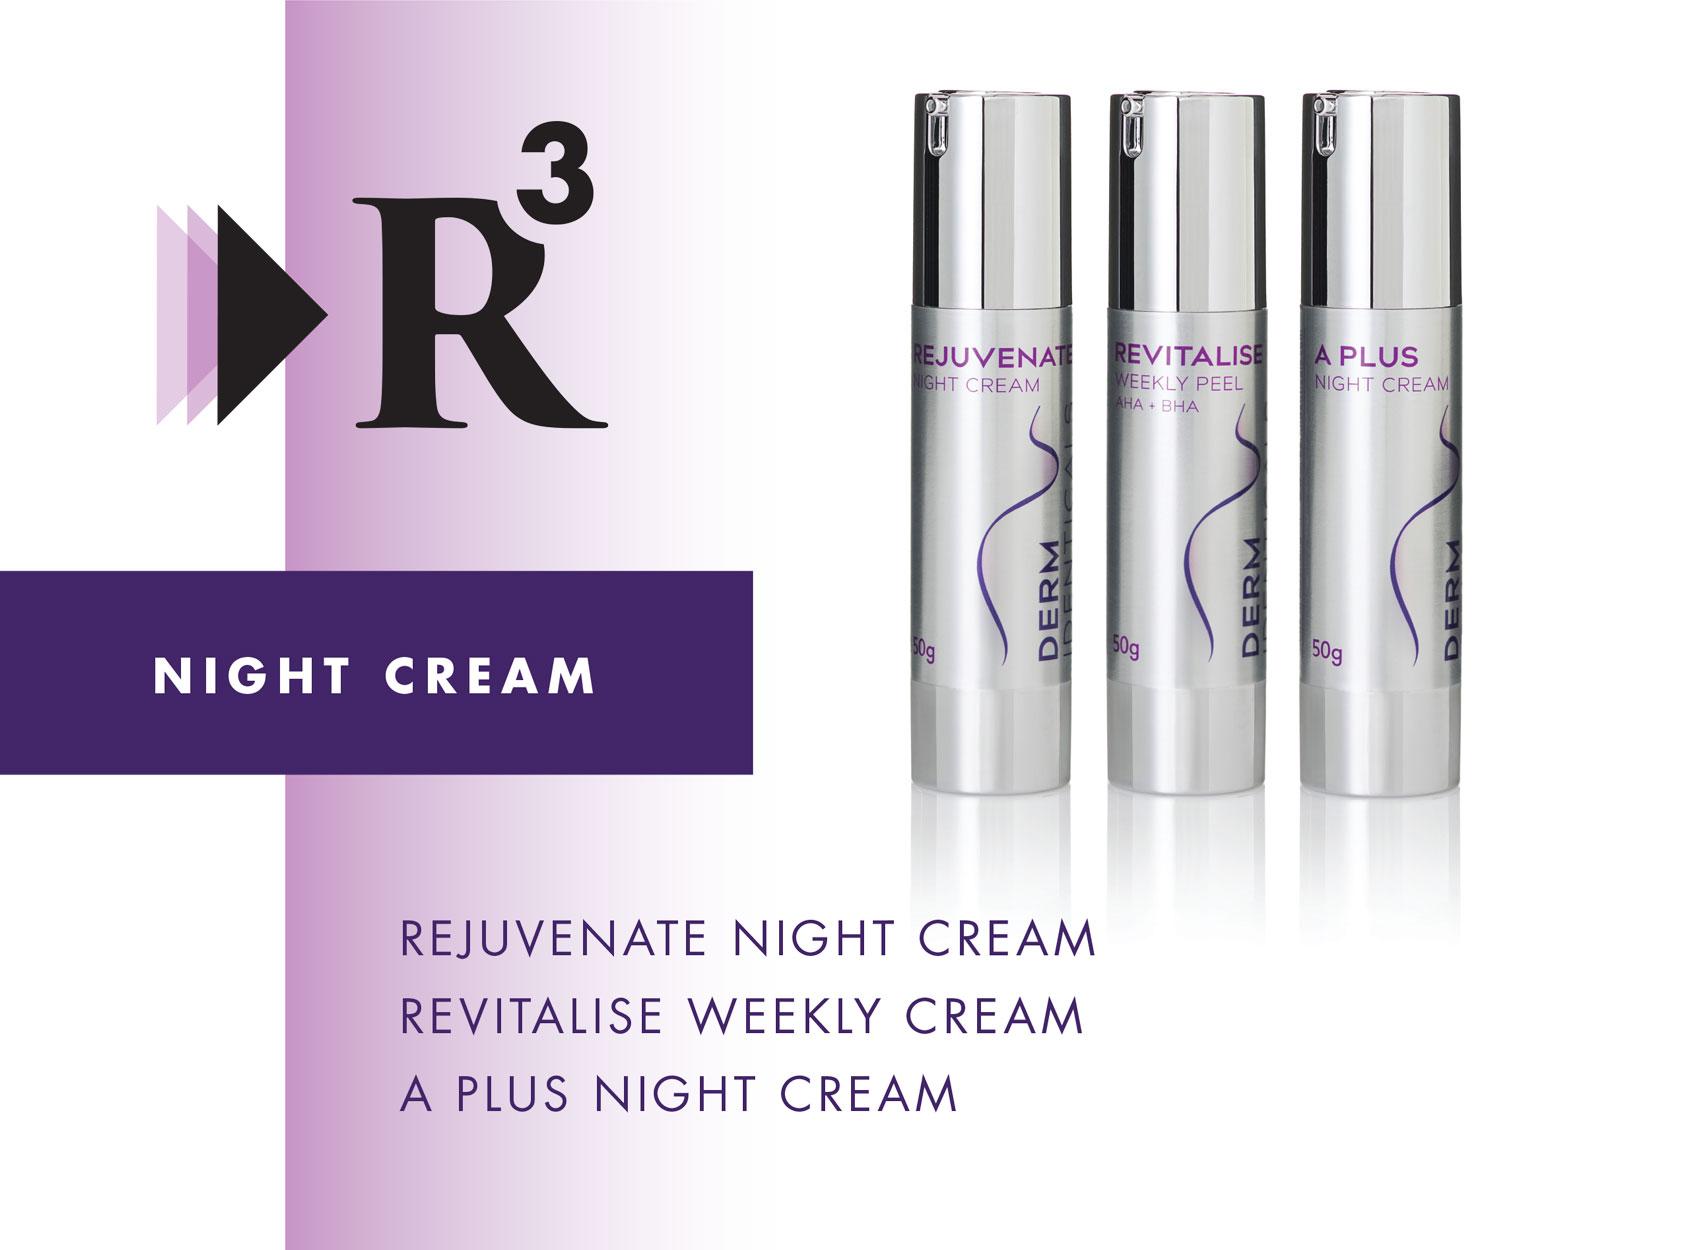 R3 Night Cream